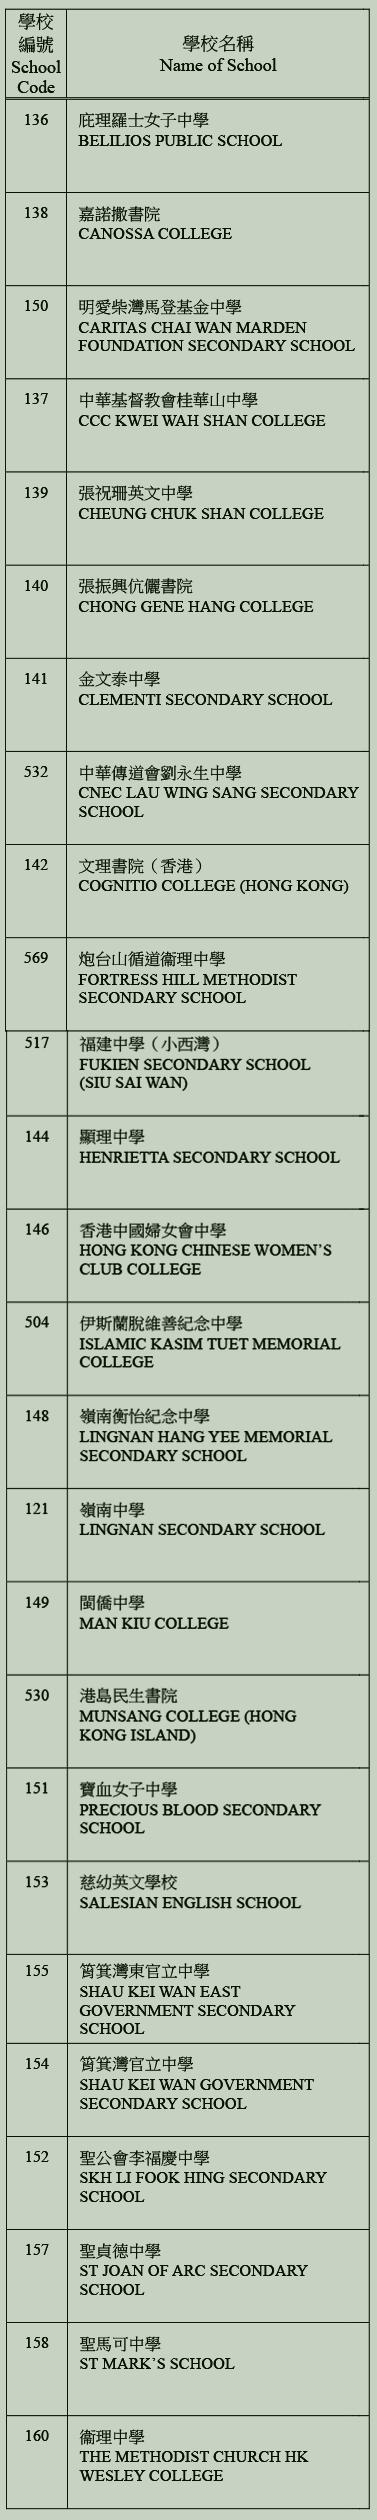 中學校網-東區學校名單